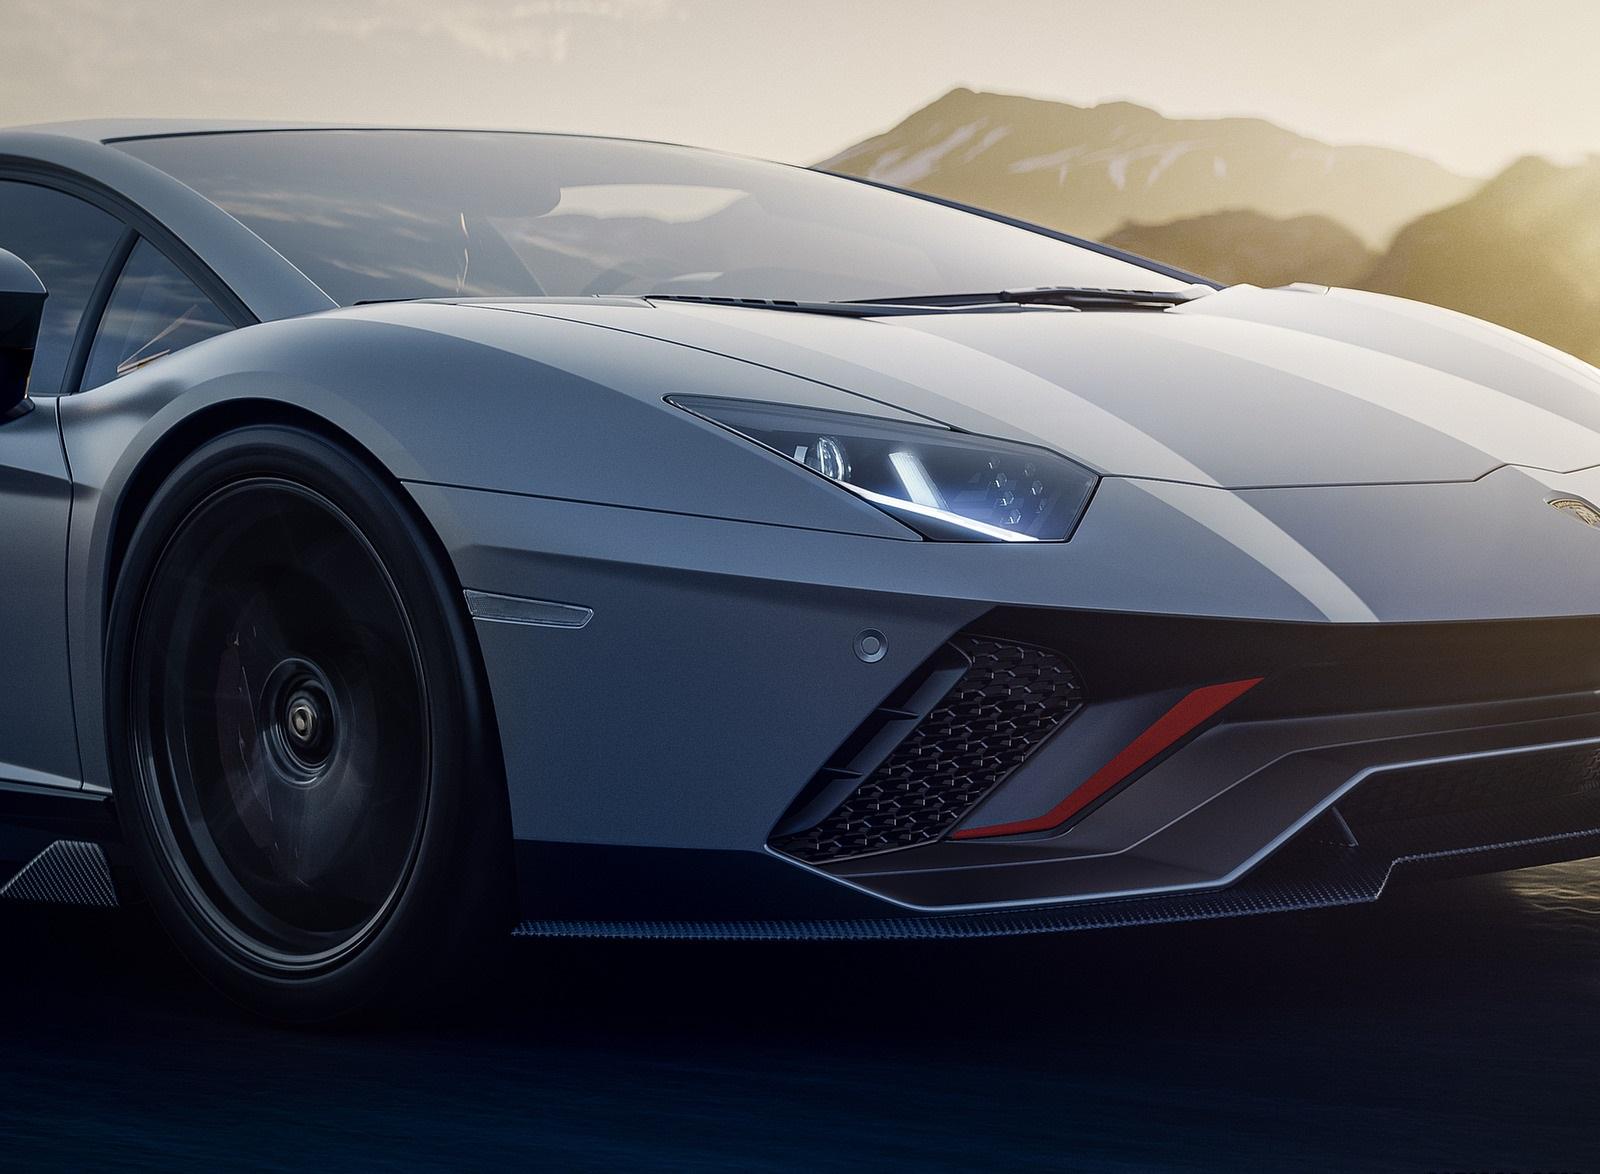 2022 Lamborghini Aventador LP 780-4 Ultimae Detail Wallpapers (9)